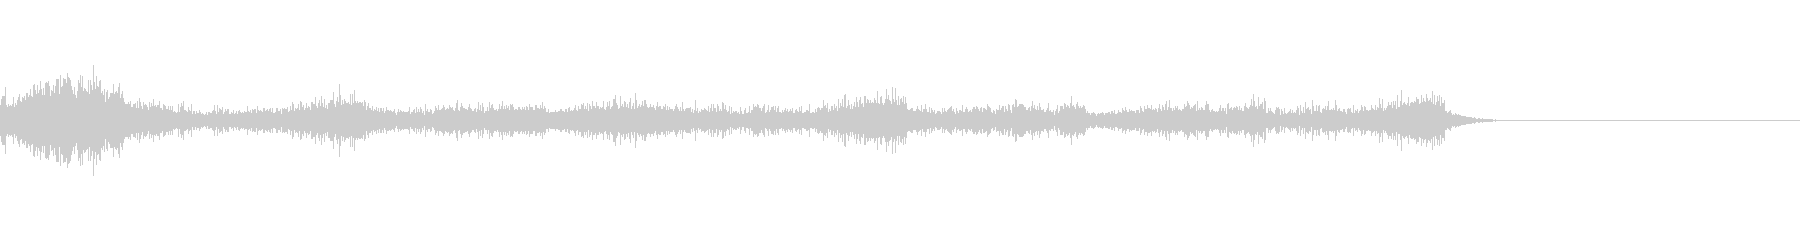 2「暗い、なんとなく恐ろしい音」の未再生の波形